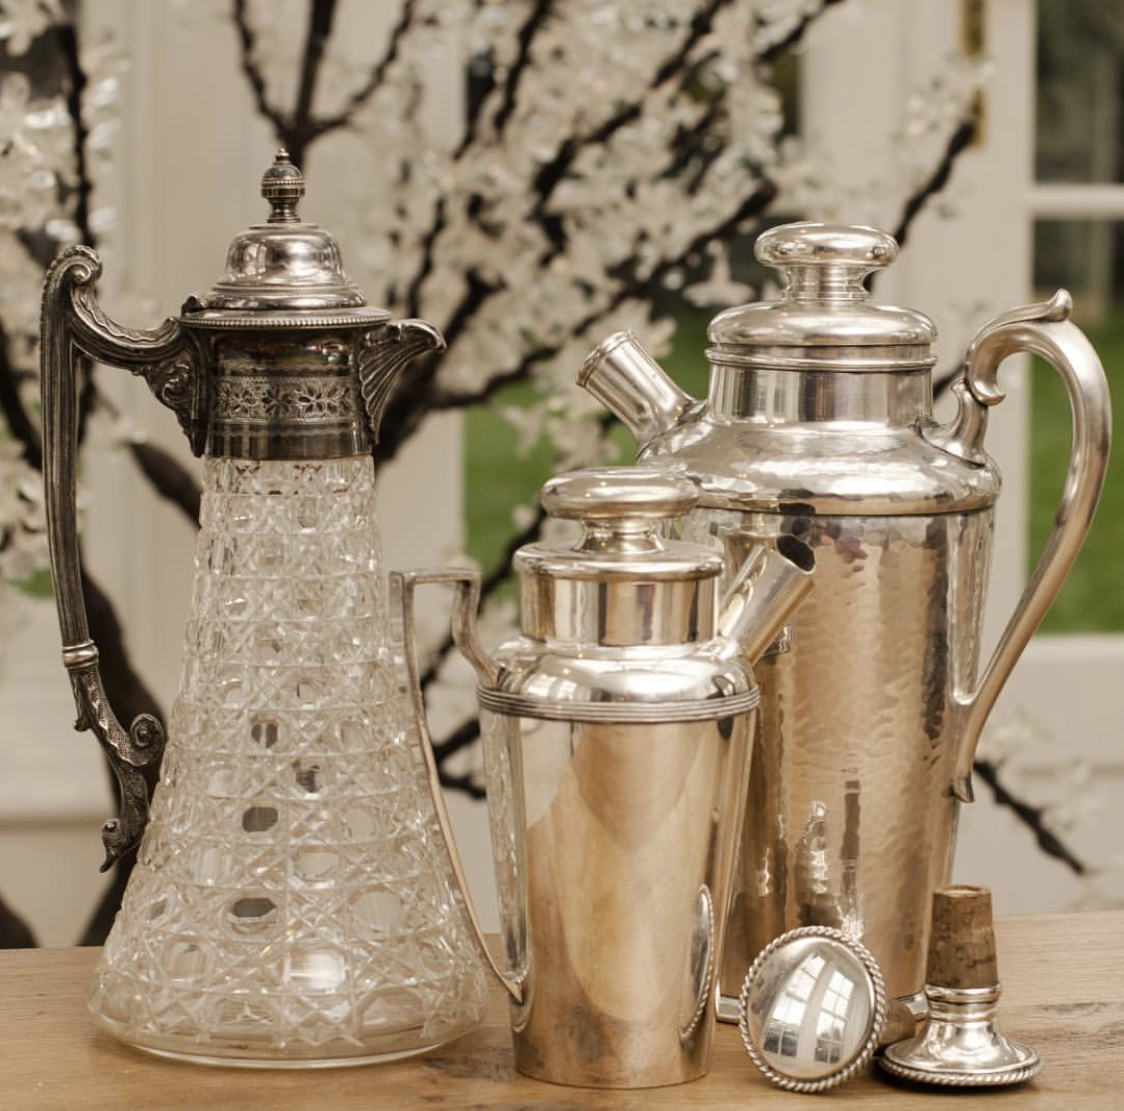 Set of antique silver pots